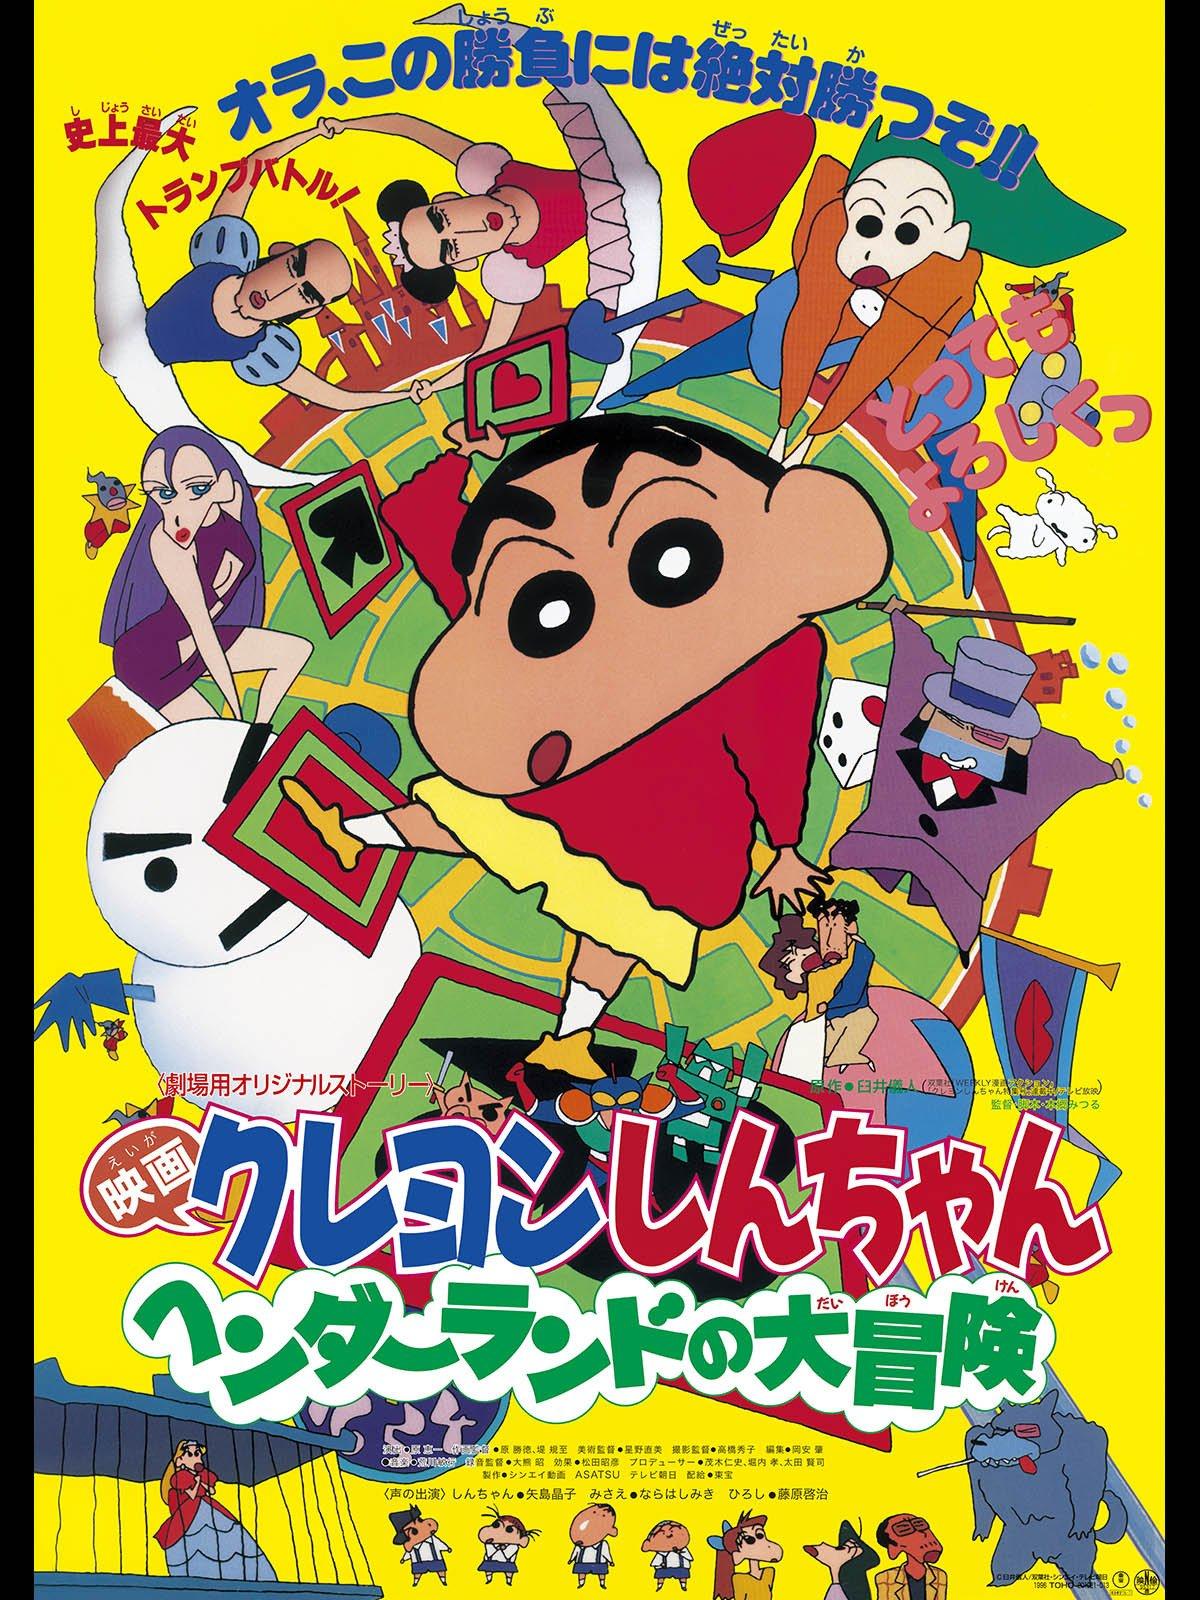 クレヨンしんちゃん 映画 ヘンダーランド